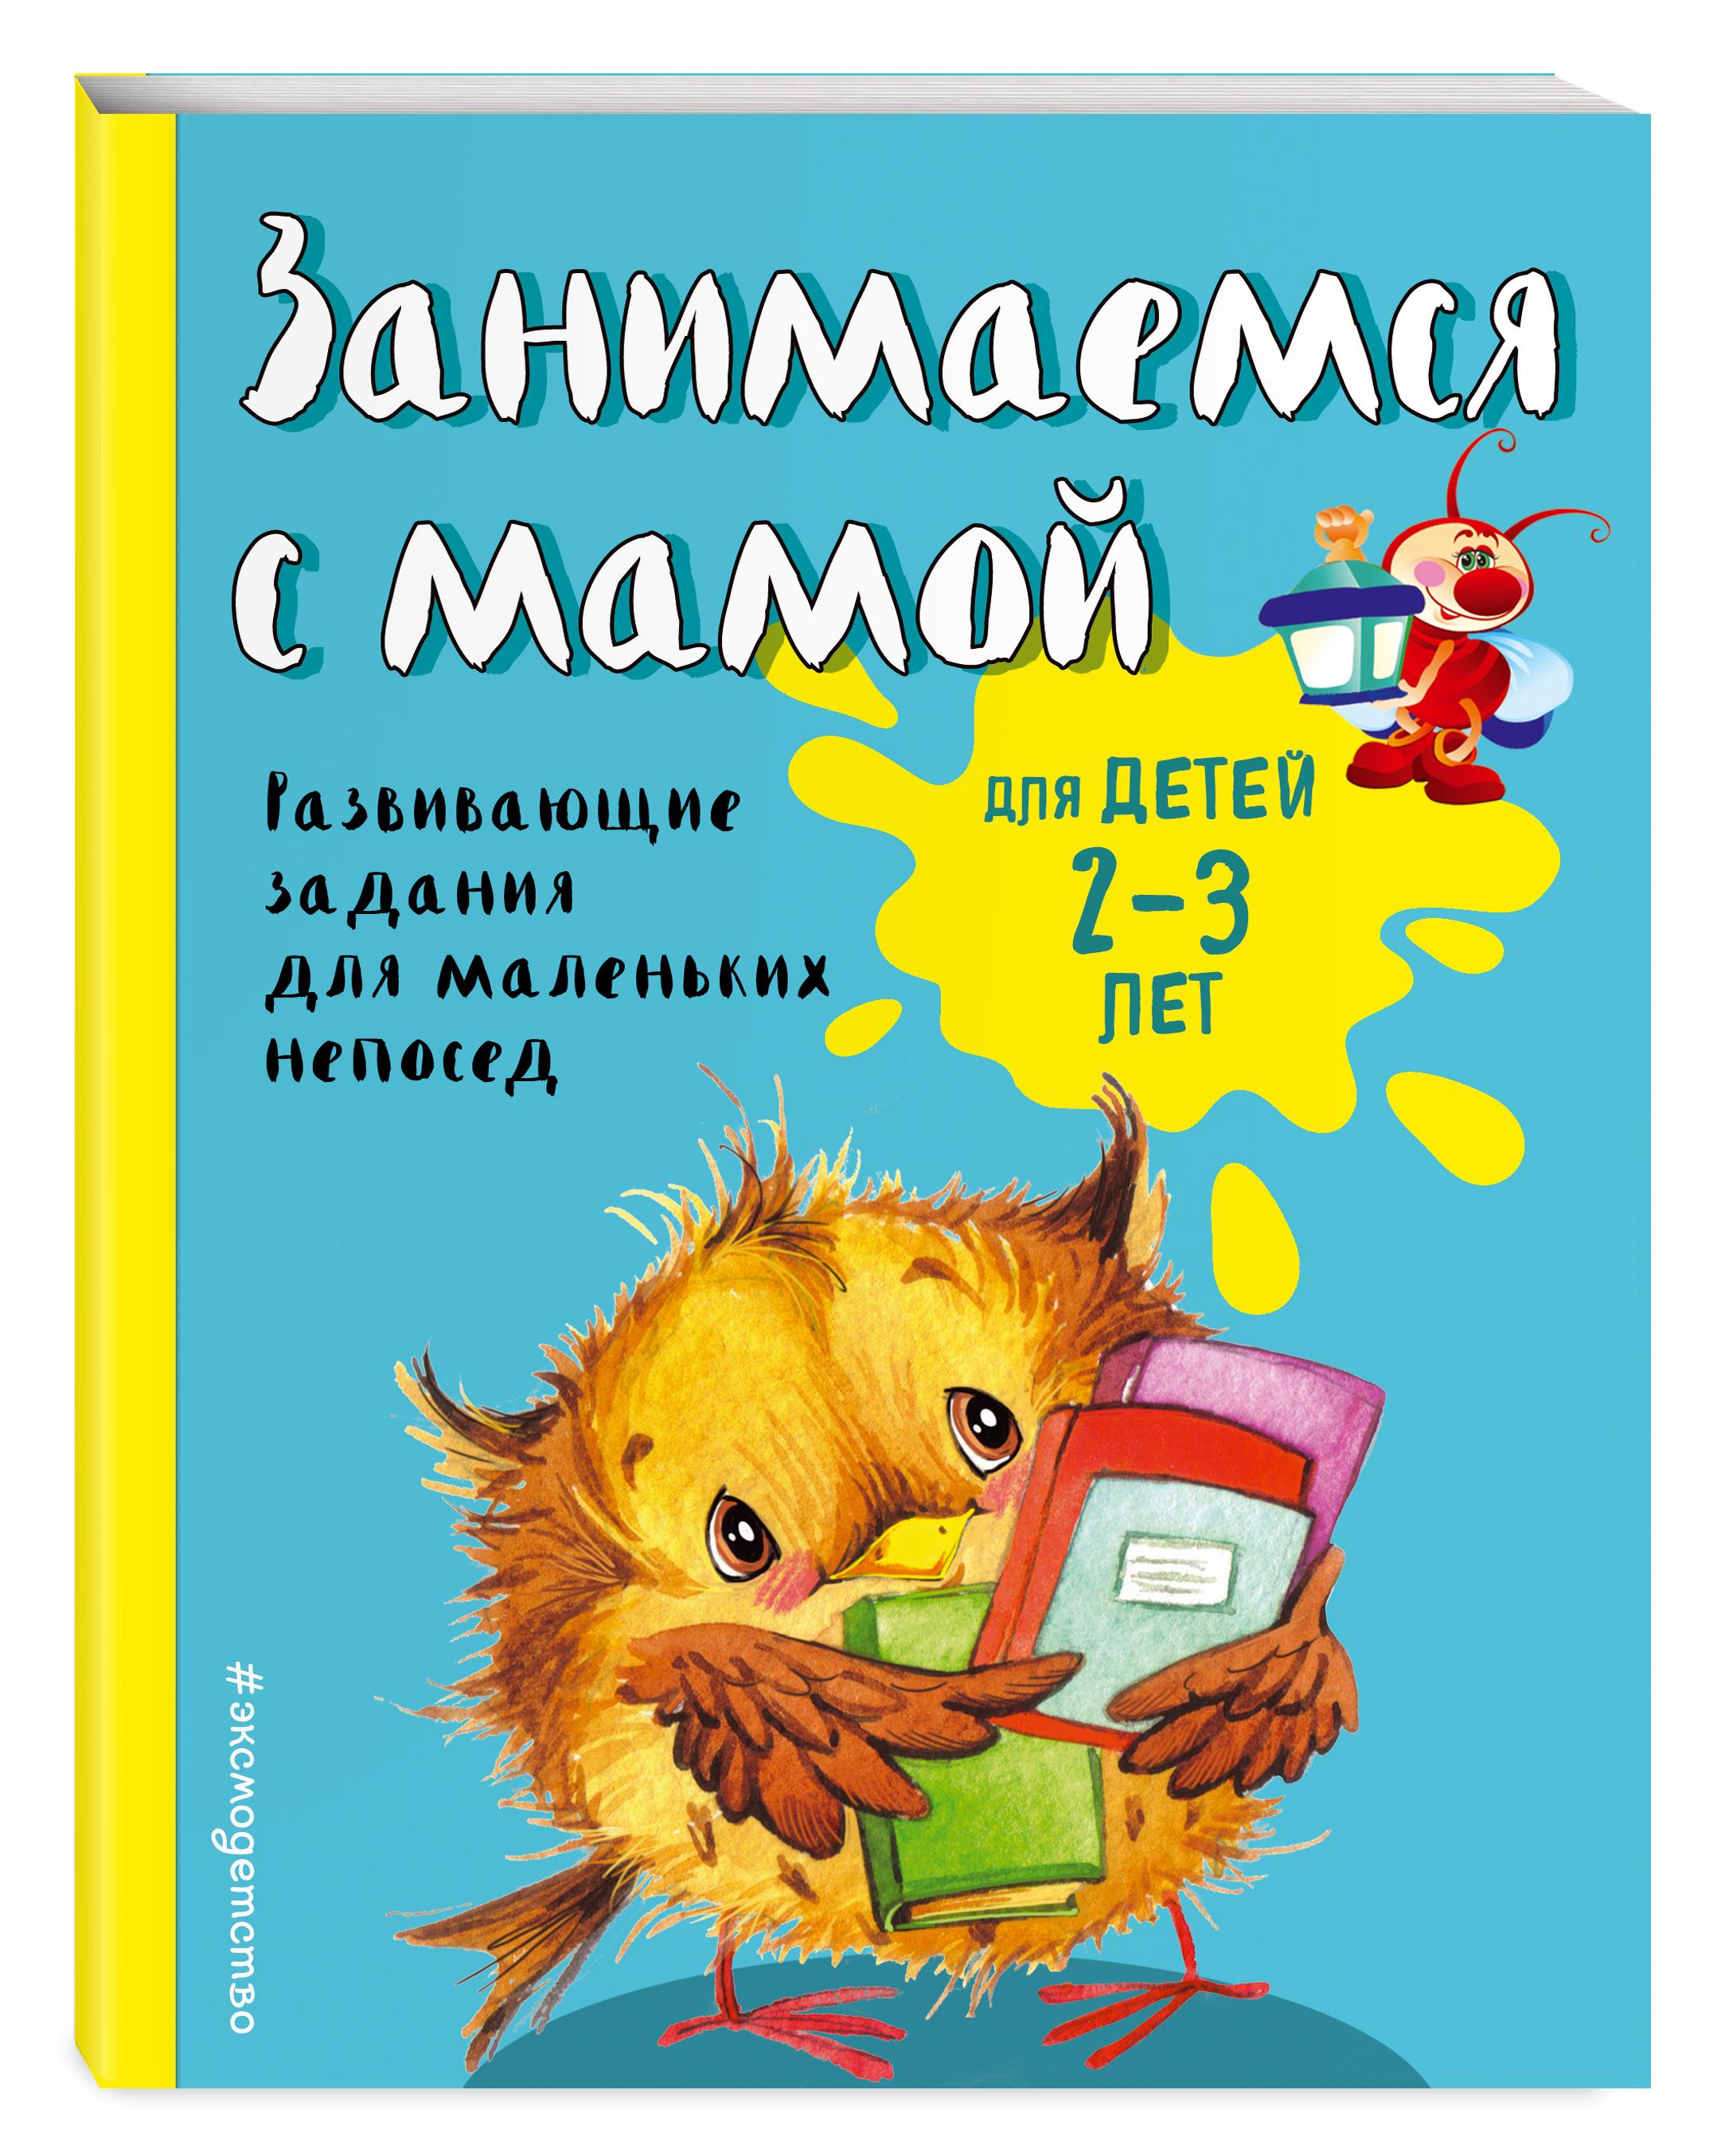 Е.В. Смирнова Занимаемся с мамой: для детей 2-3 лет смирнова е занимаемся с мамой для детей 5 6 лет развивающие задания для маленьких непосед